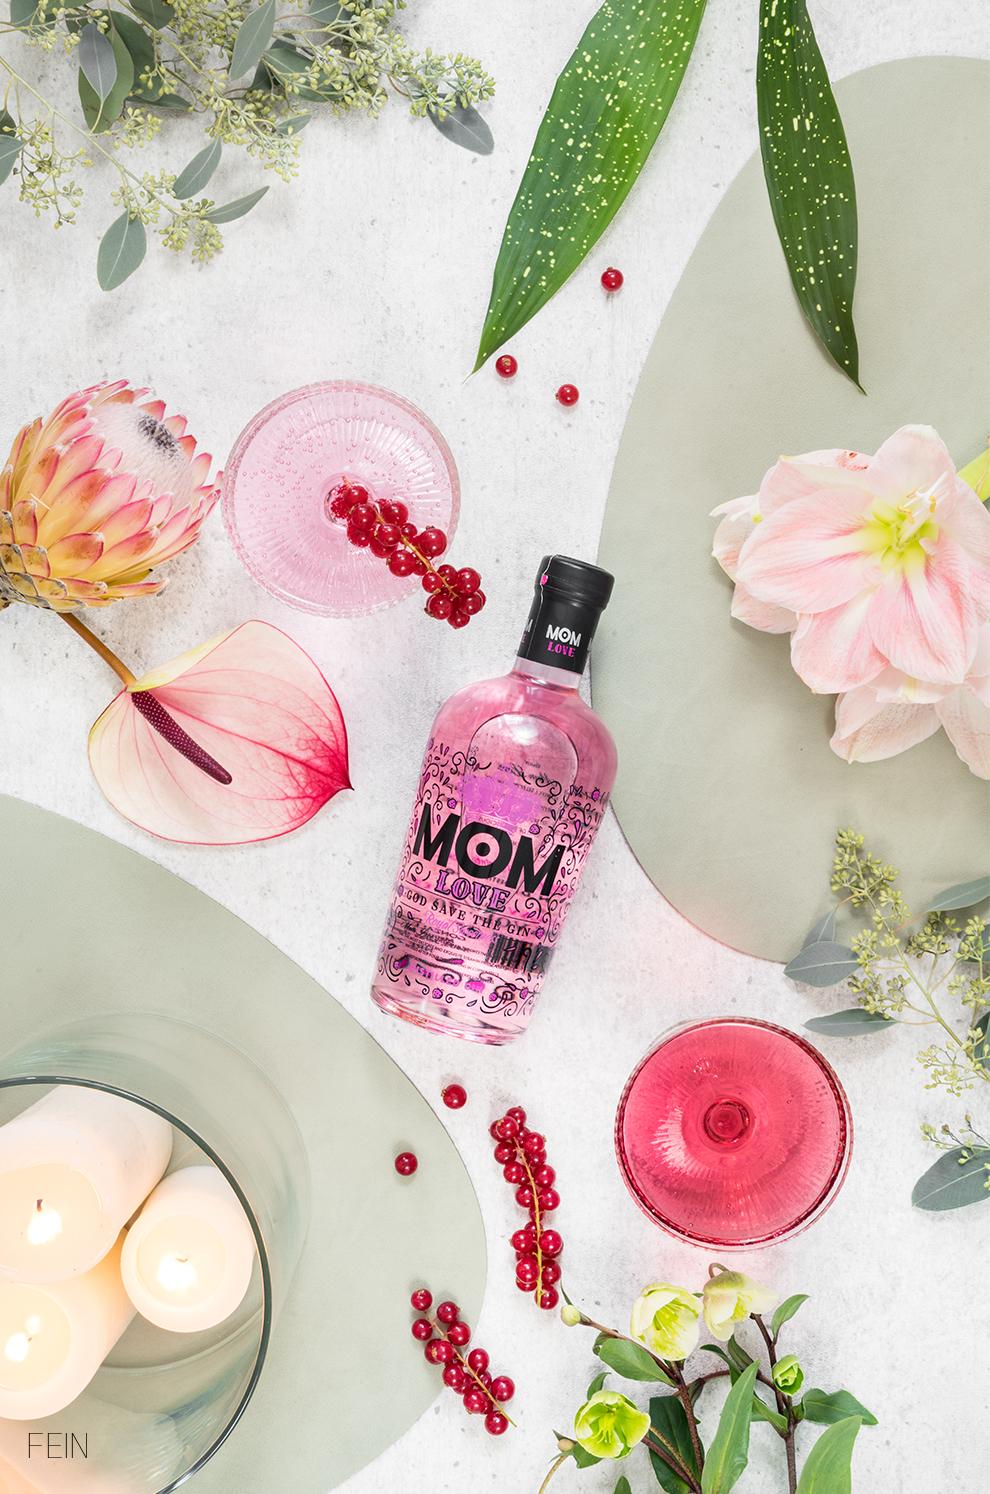 Drink Mom Gin